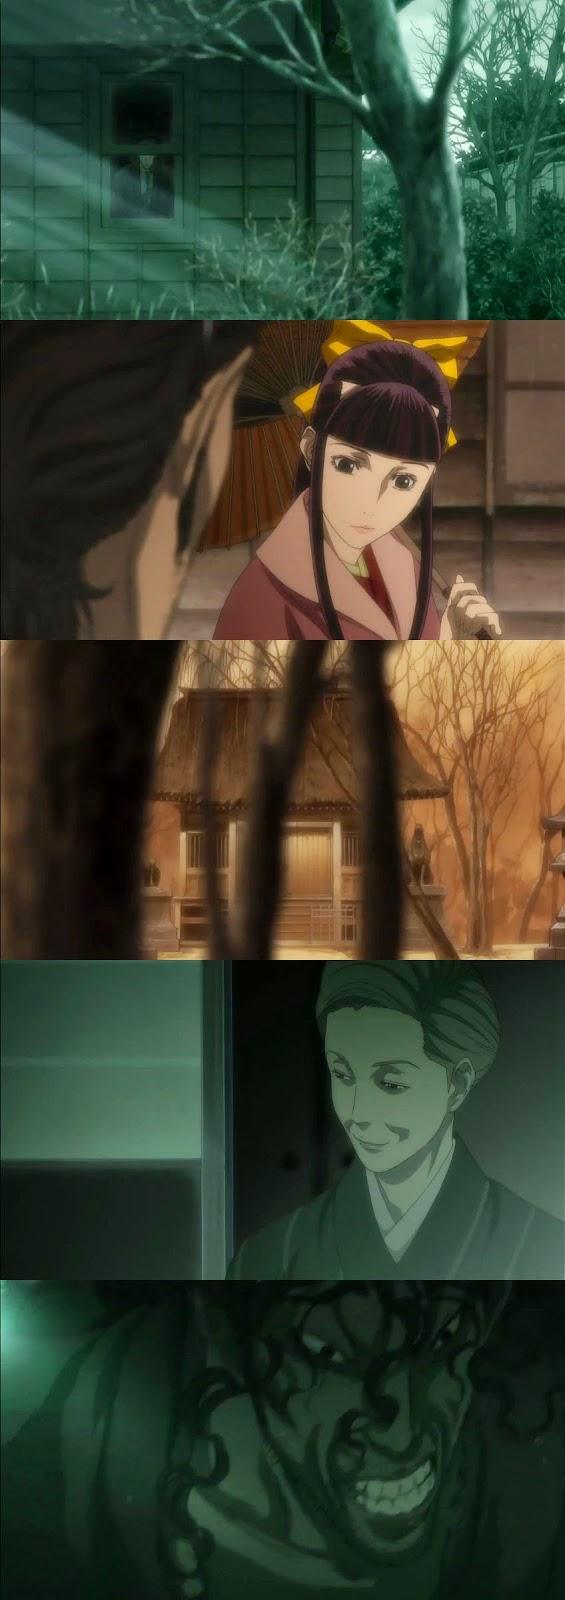 Aoi Bungaku Series [Anime Completo] [Sub Esp]  [480p - MP4]